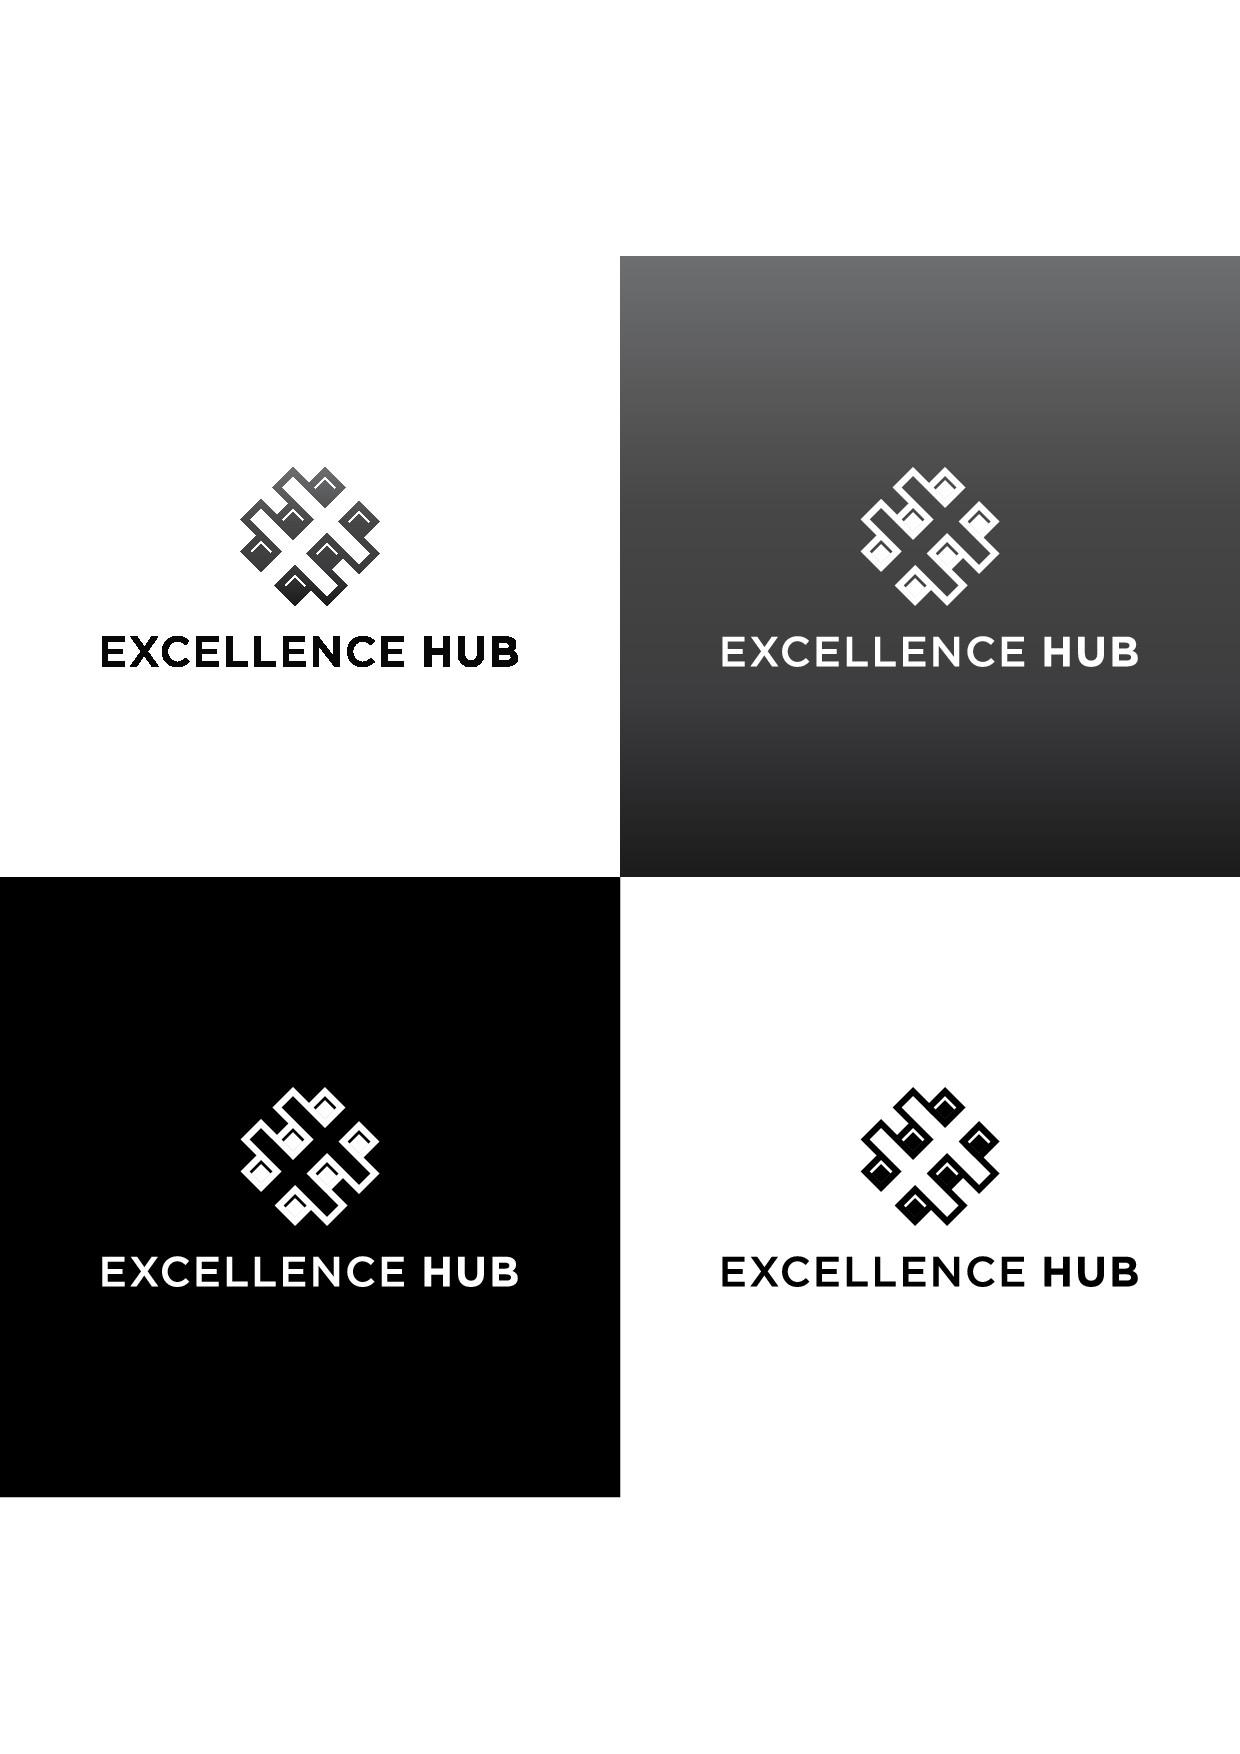 Create unique logo